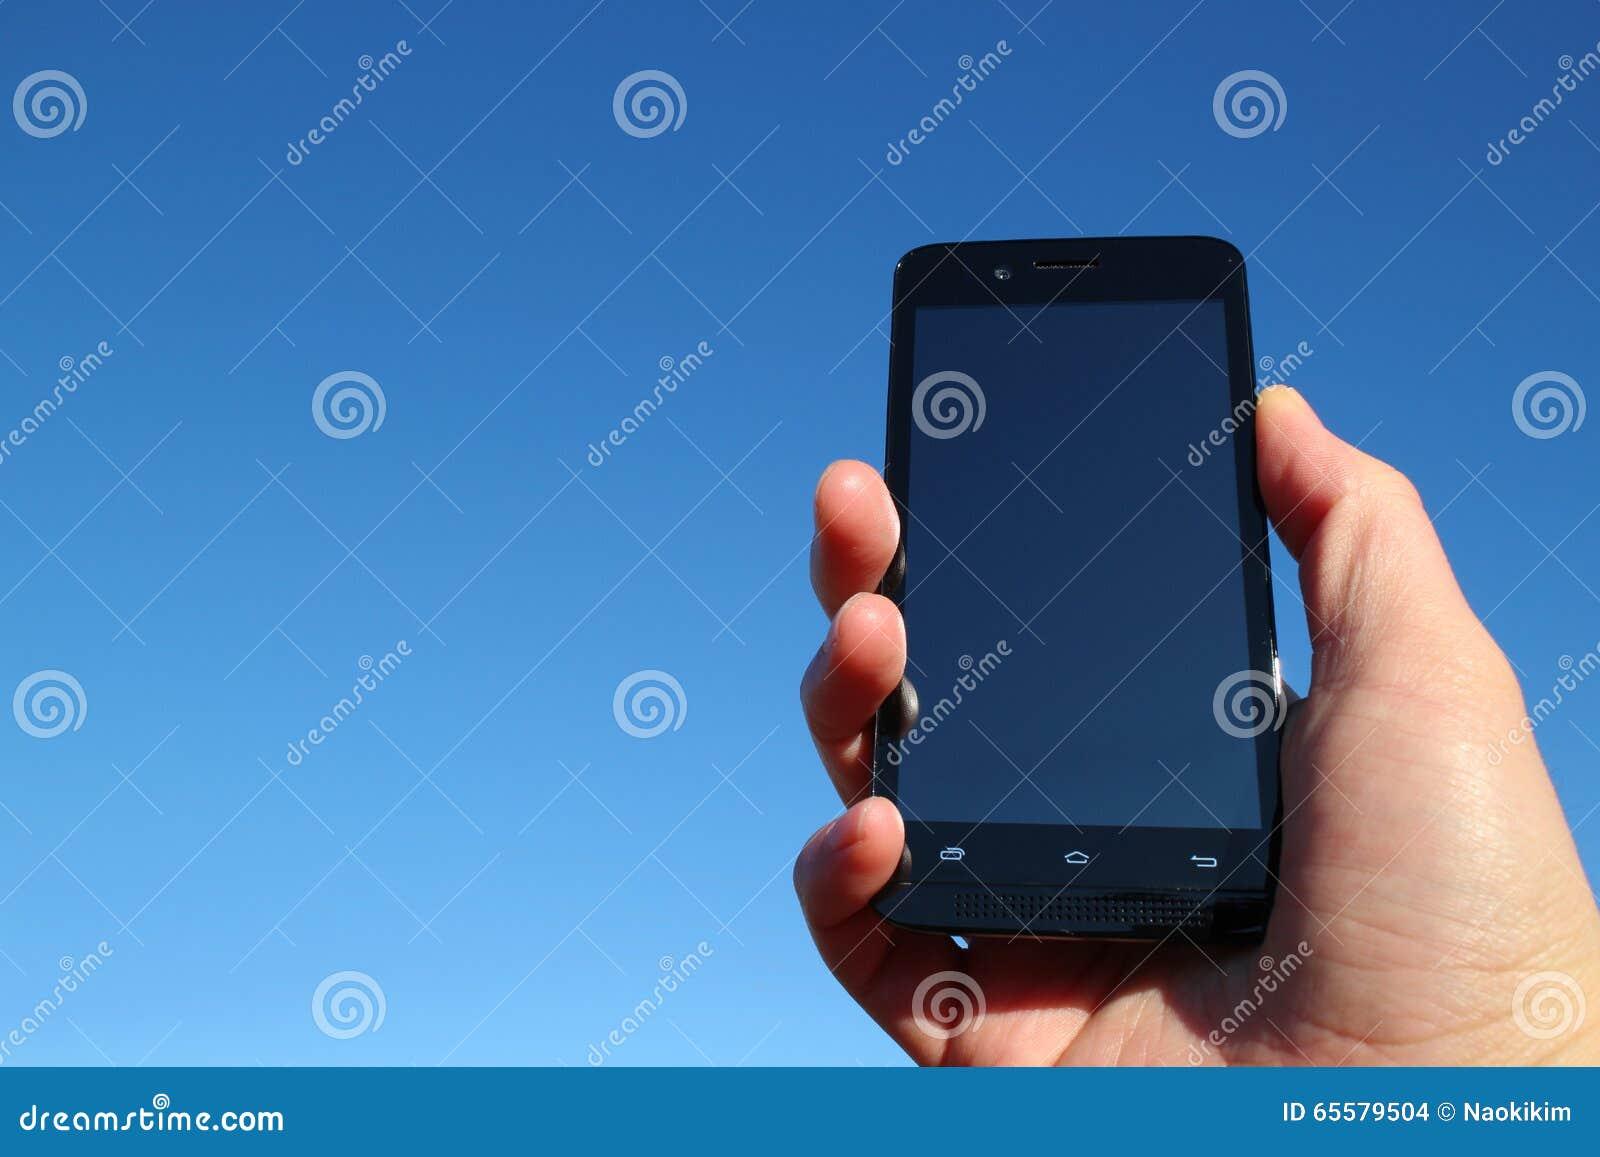 Telefone esperto preto e a mão no céu azul